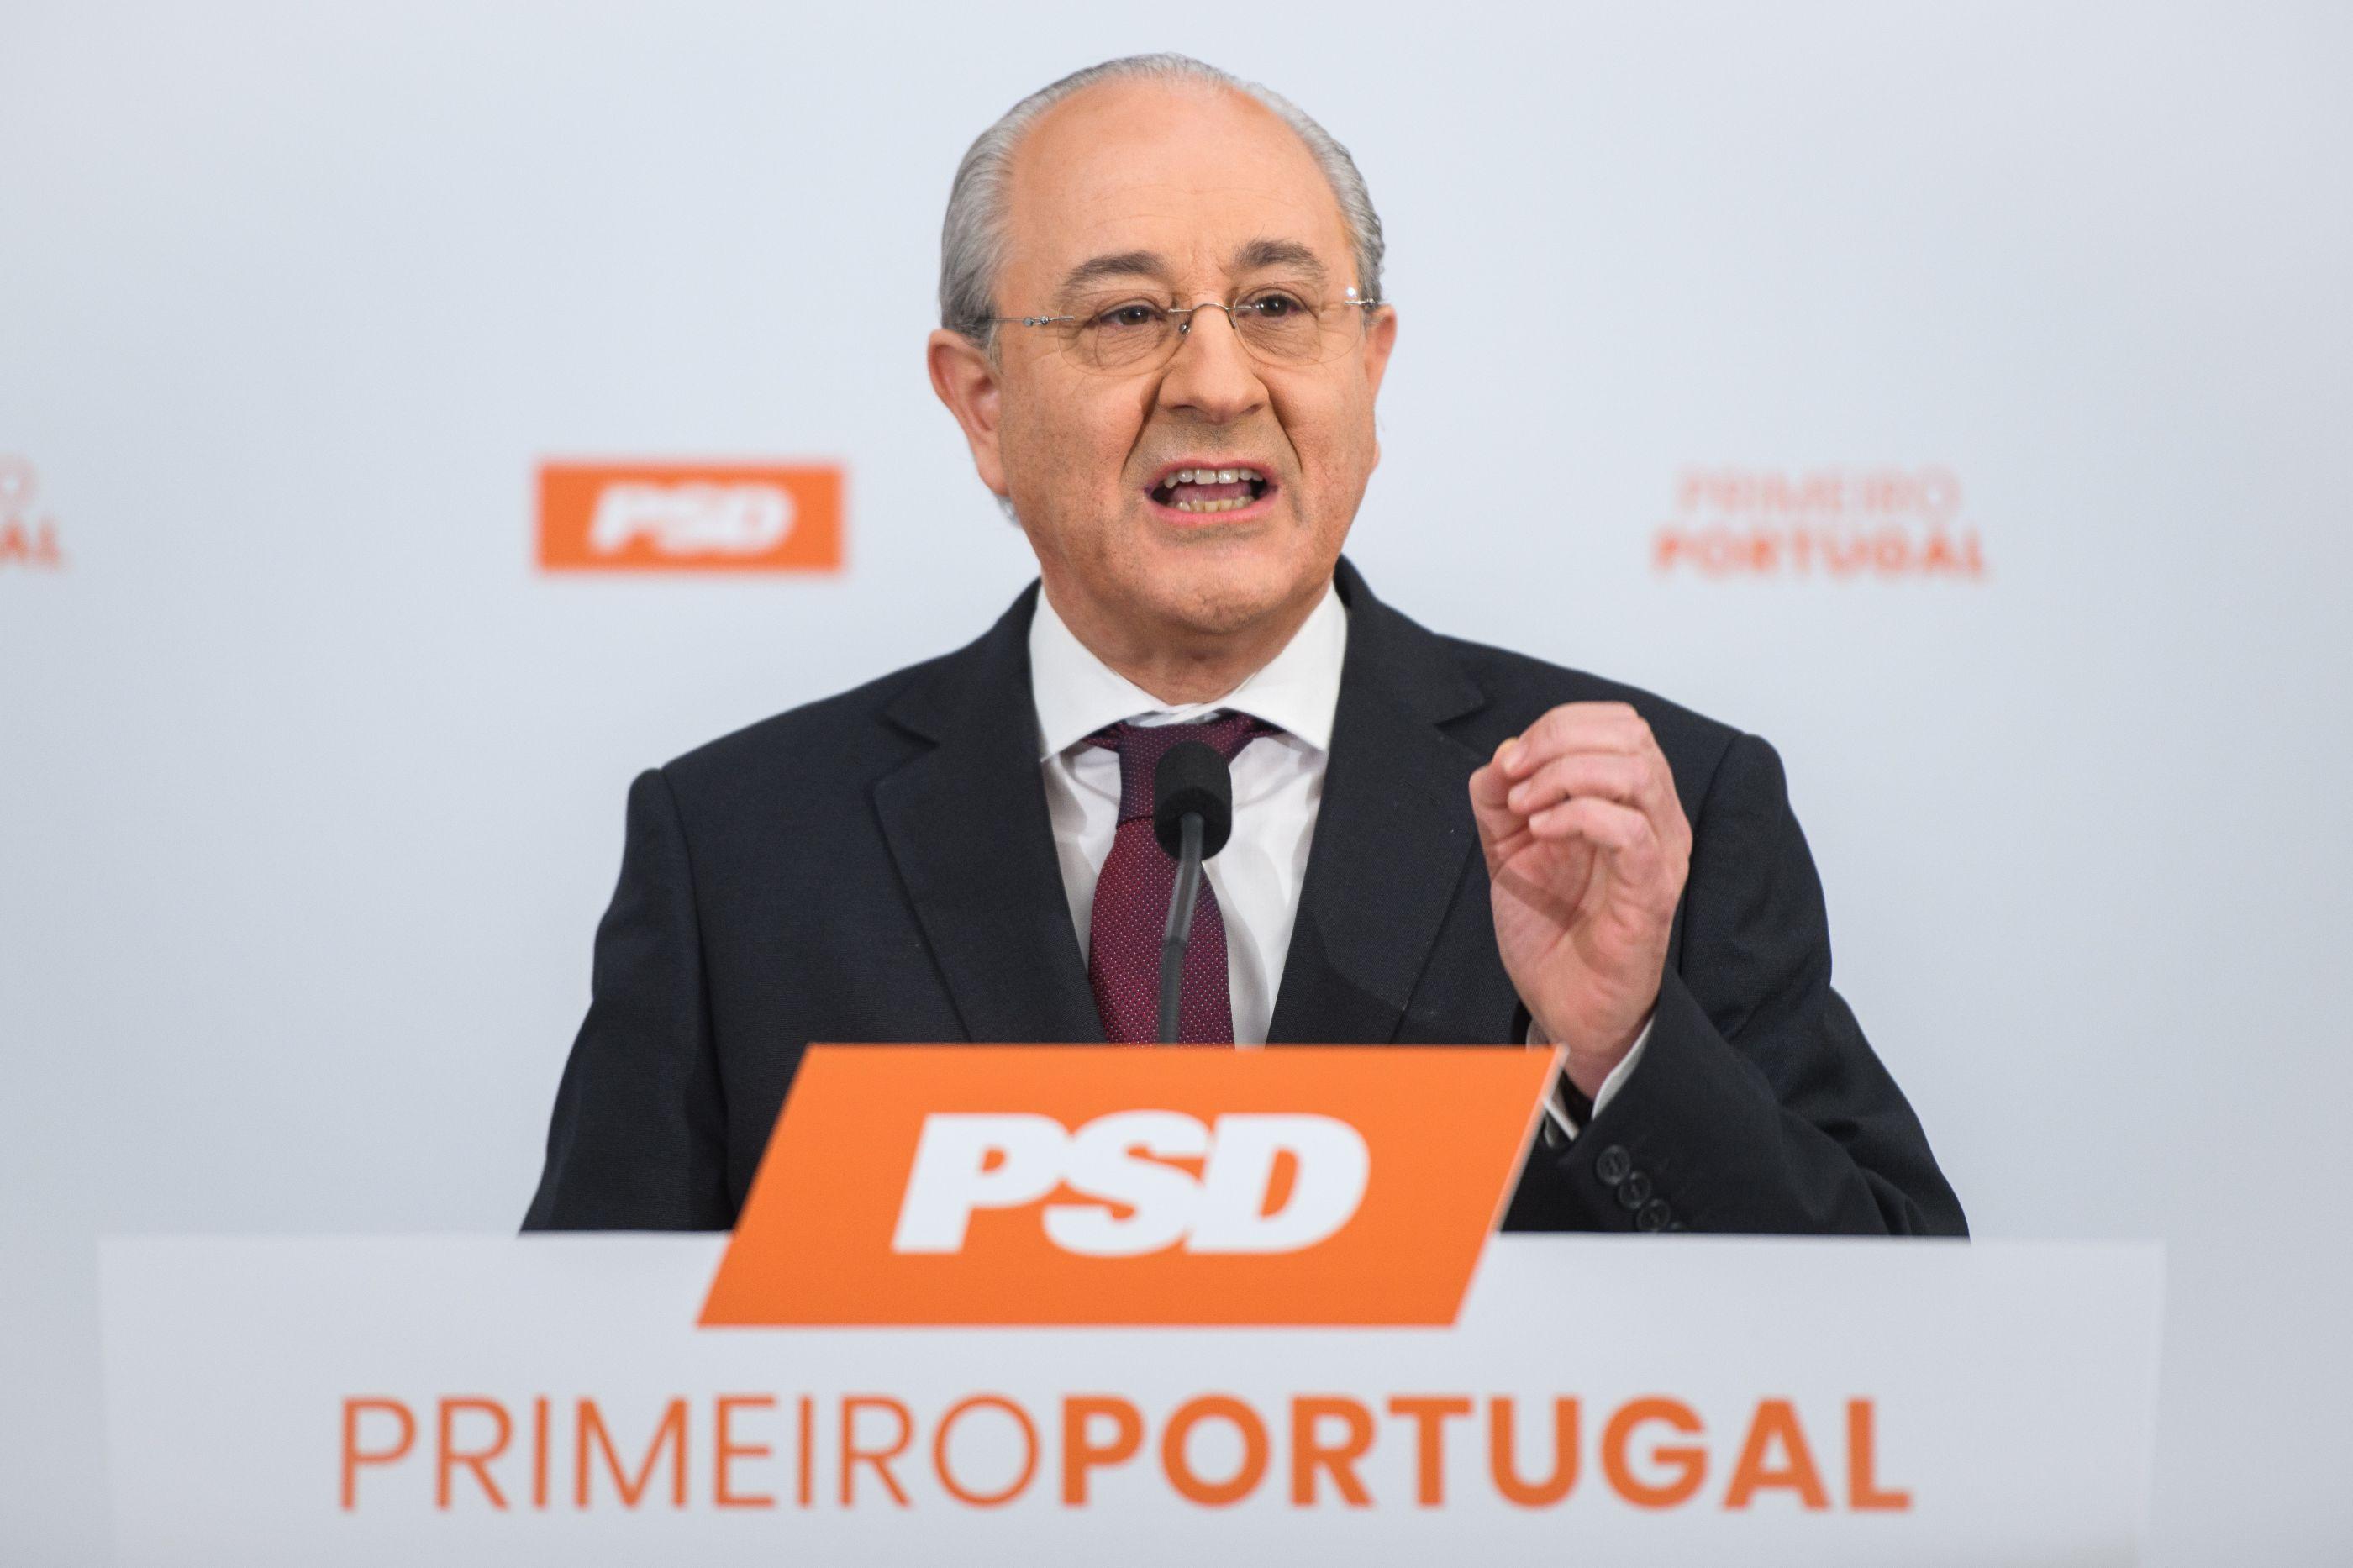 """Costa é """"protagonista"""" da campanha do PS devido à """"fragilidade"""" da lista"""""""